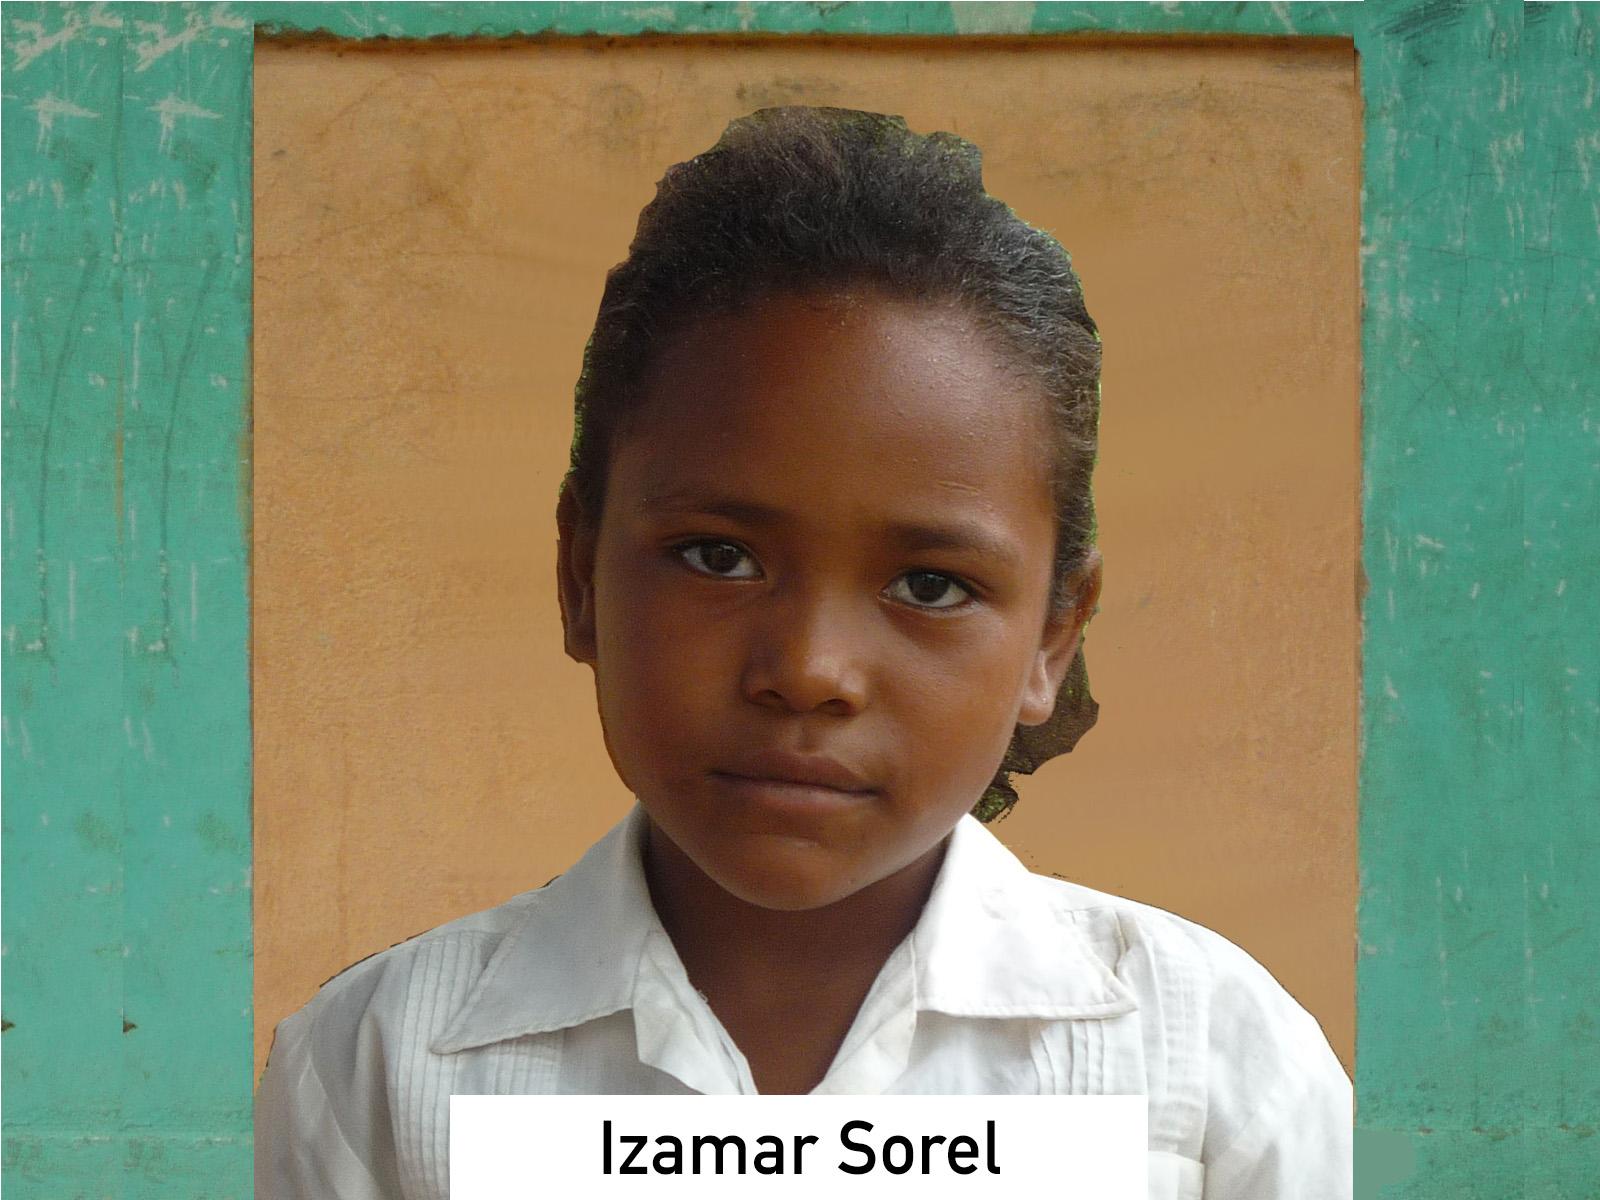 065 - Izamar Sorel.jpg